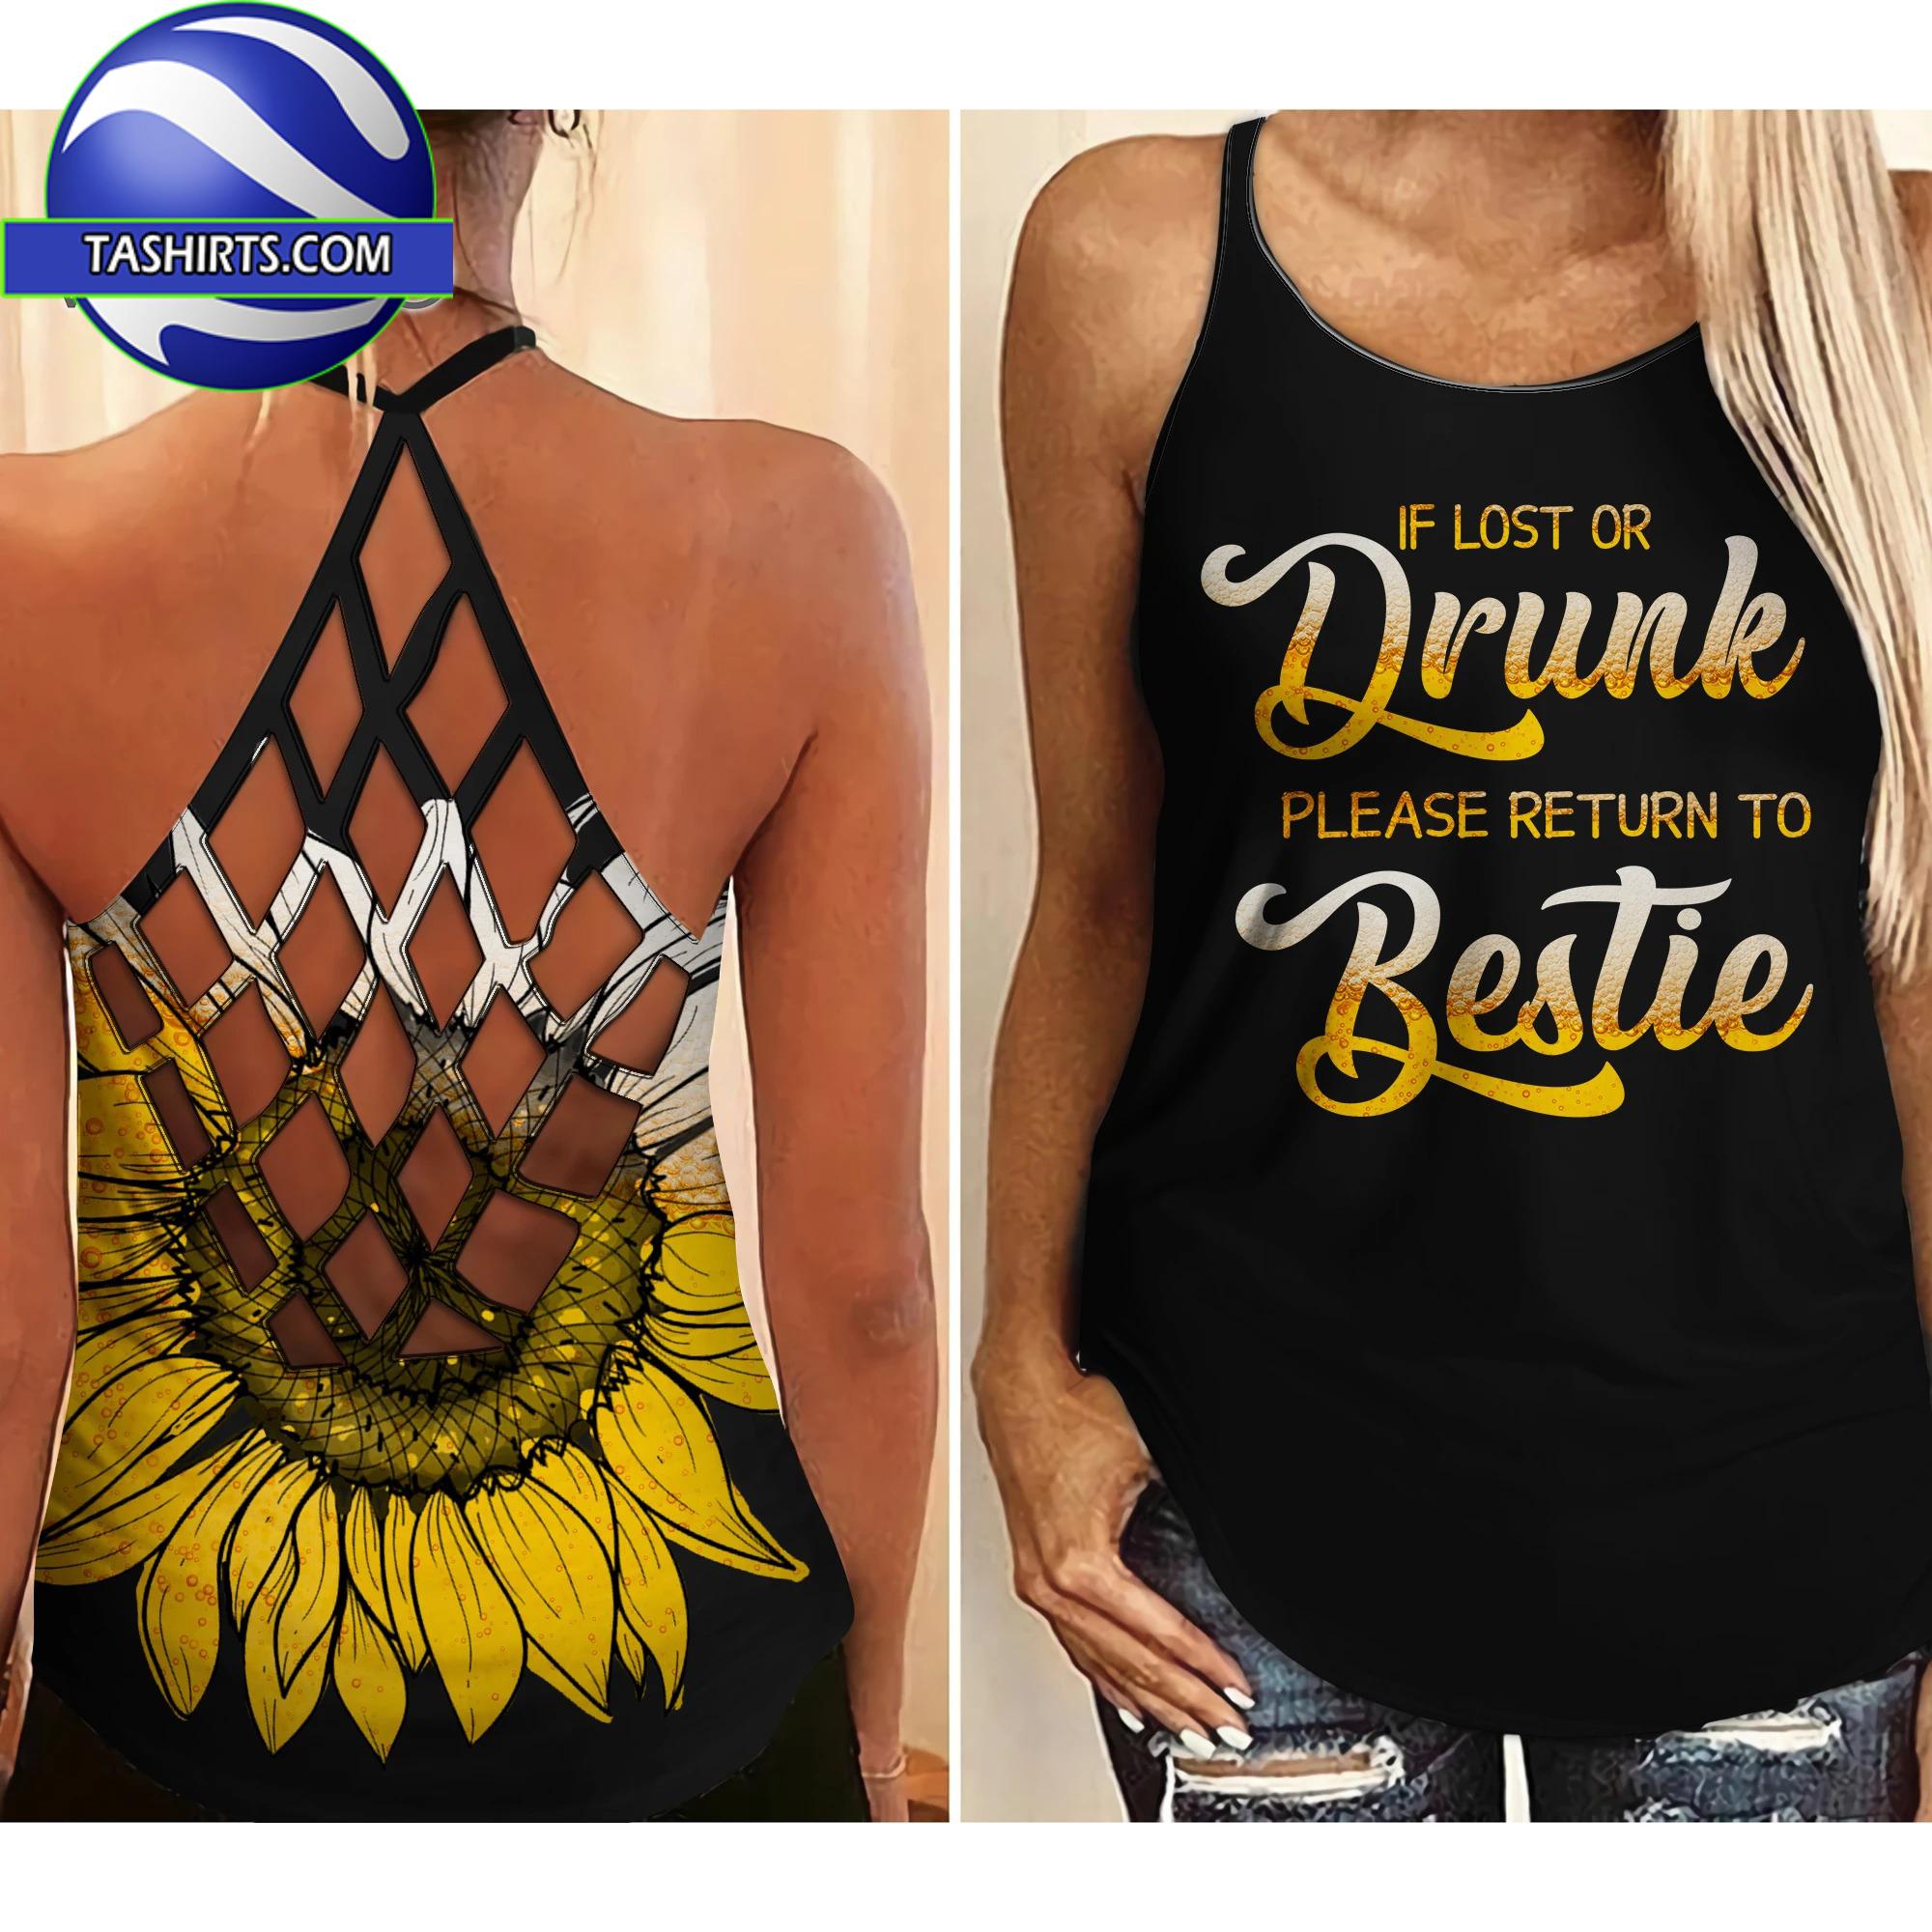 If lost or drunk please return to bestie i'm the bestie criss-cross open back camisole tank top